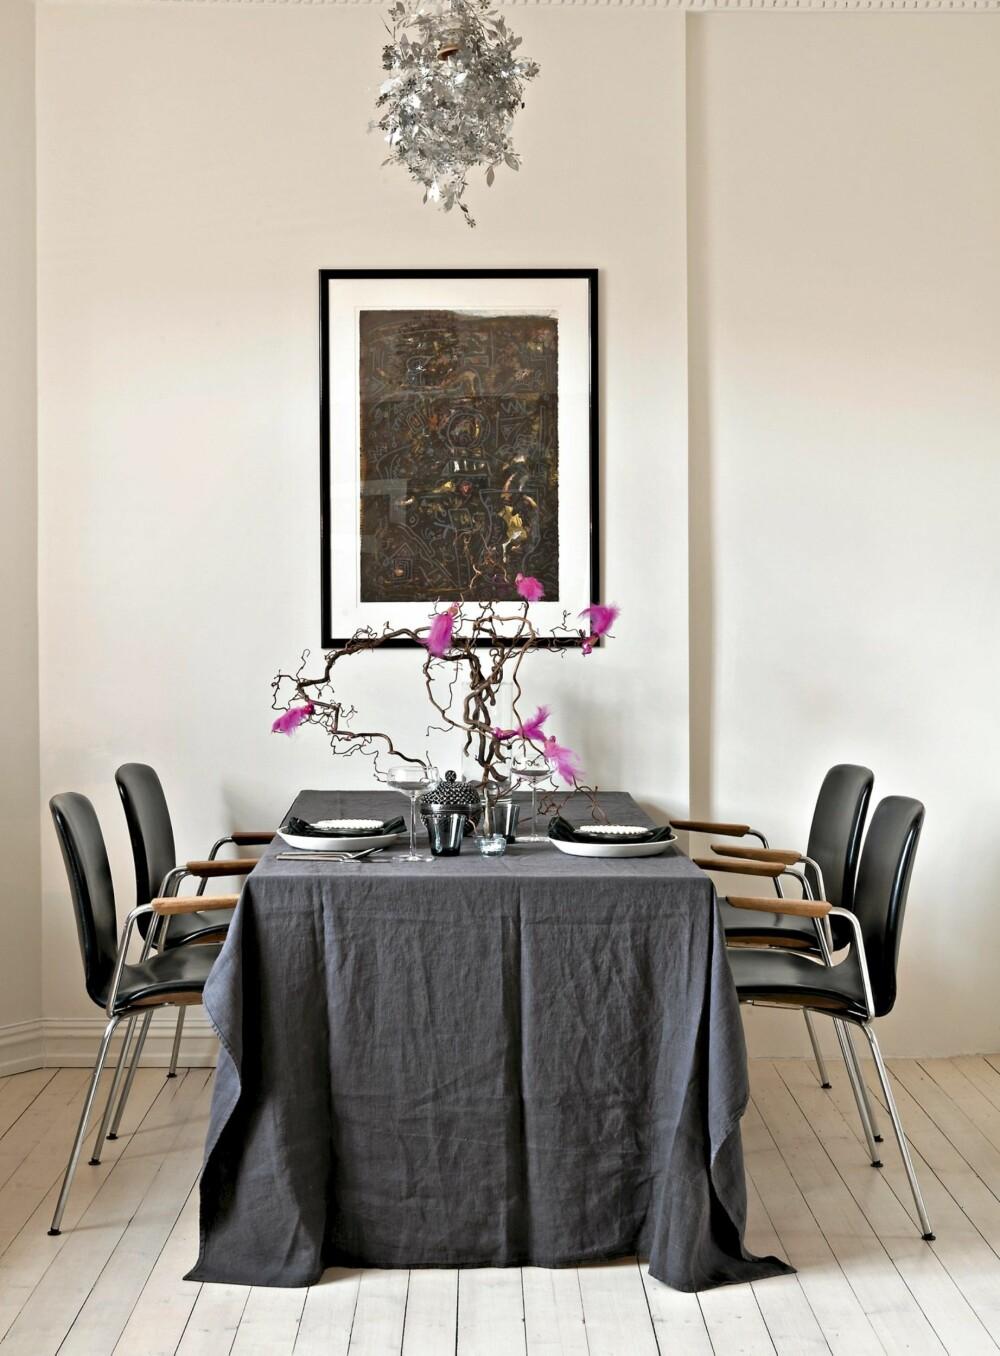 DUKET FOR HYGGE: Det gamle spisebordet er dekket med Iittala-servise. Femtitallsstolene er eierens container-funn. Bilde av Svein Mamen. Nylakkete, hvitpigmenterte gulv.